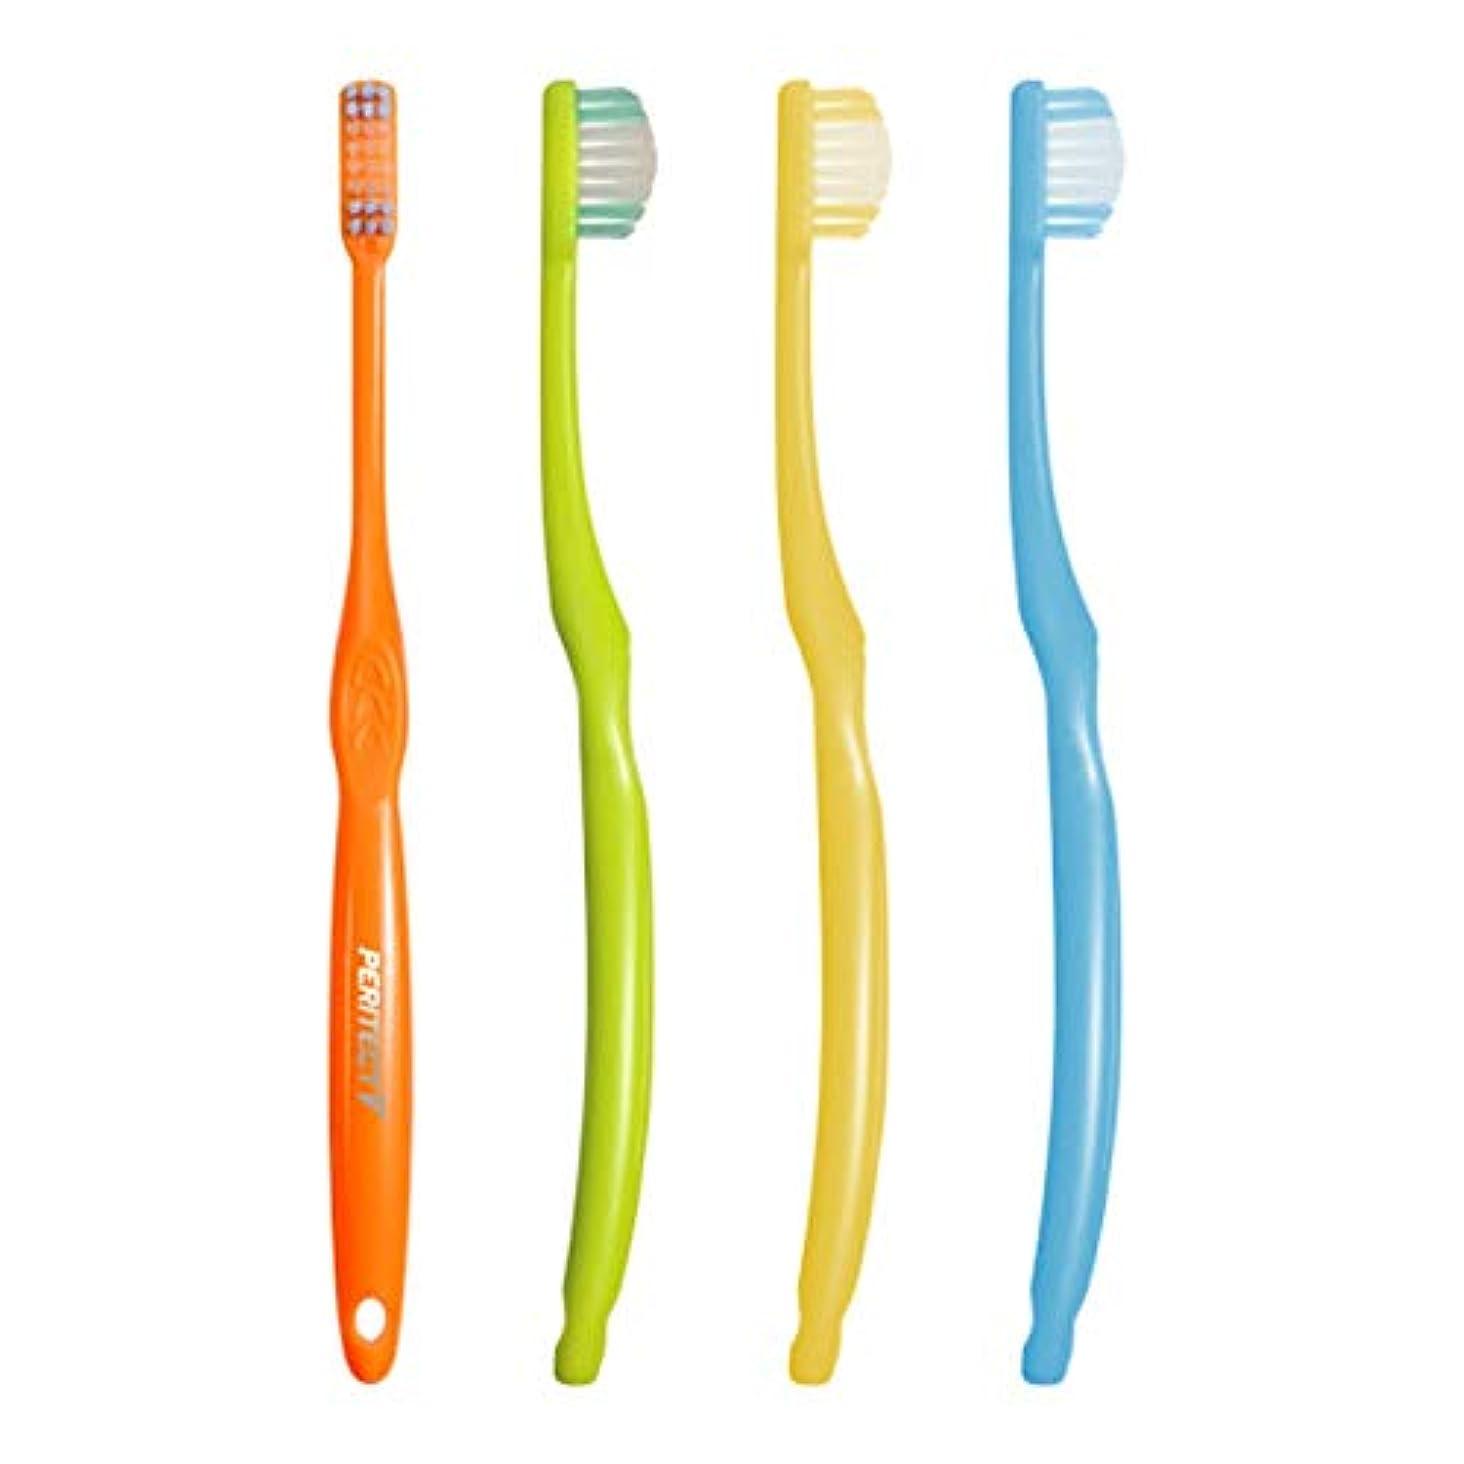 堤防祭り好意的ビーブランド PERITECT V ペリテクト ブイ 6M(やわらかめ)×1本 歯ブラシ 歯科専売品